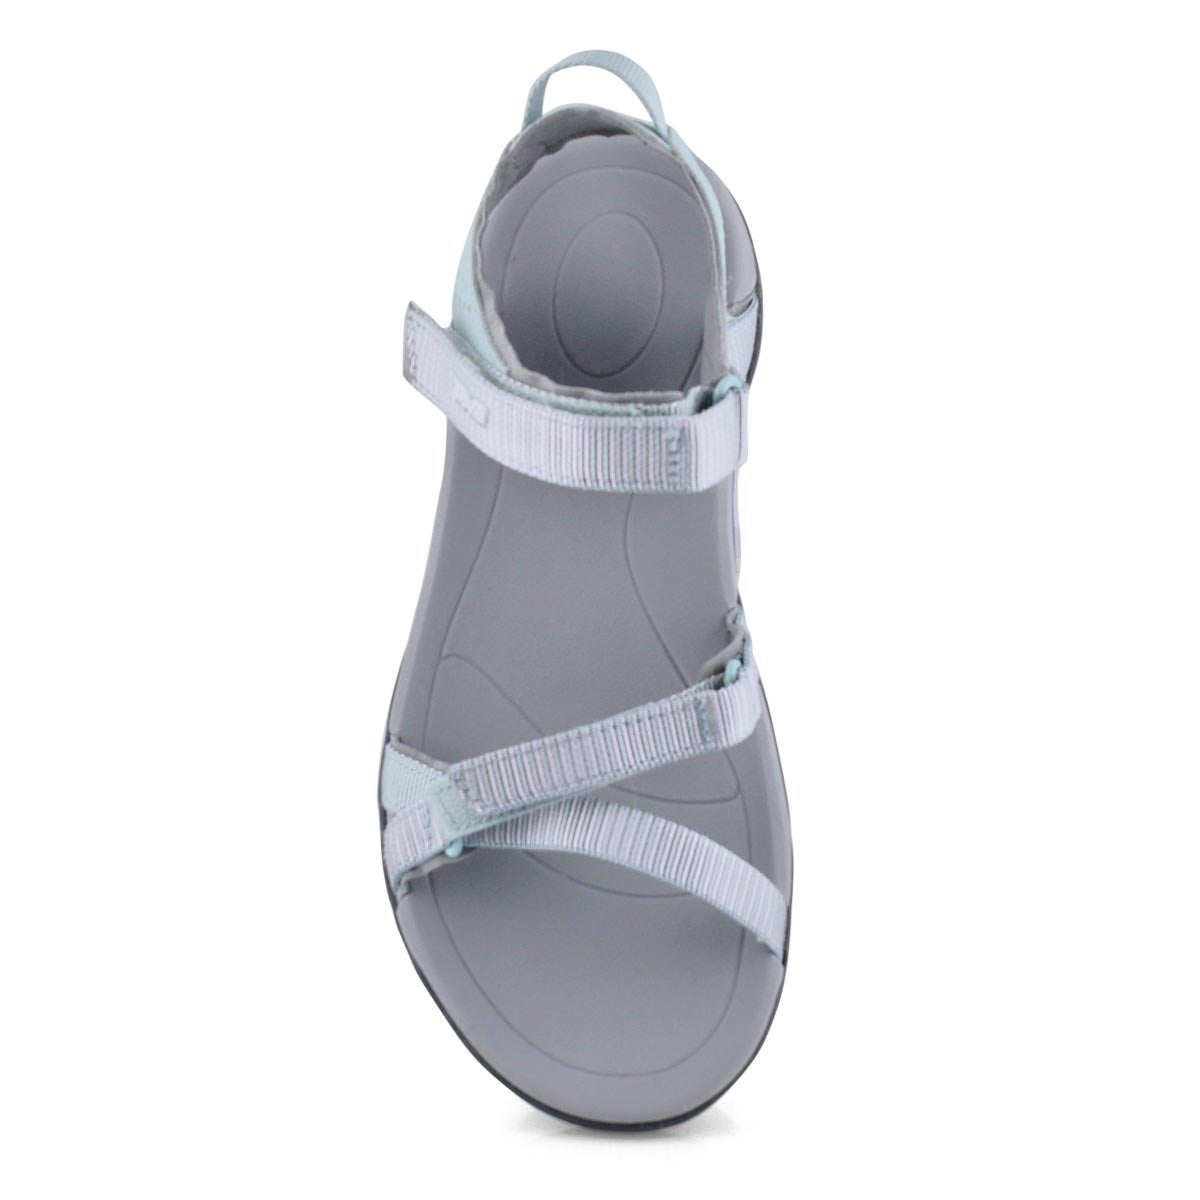 Lds Verra gray mist sport sandal